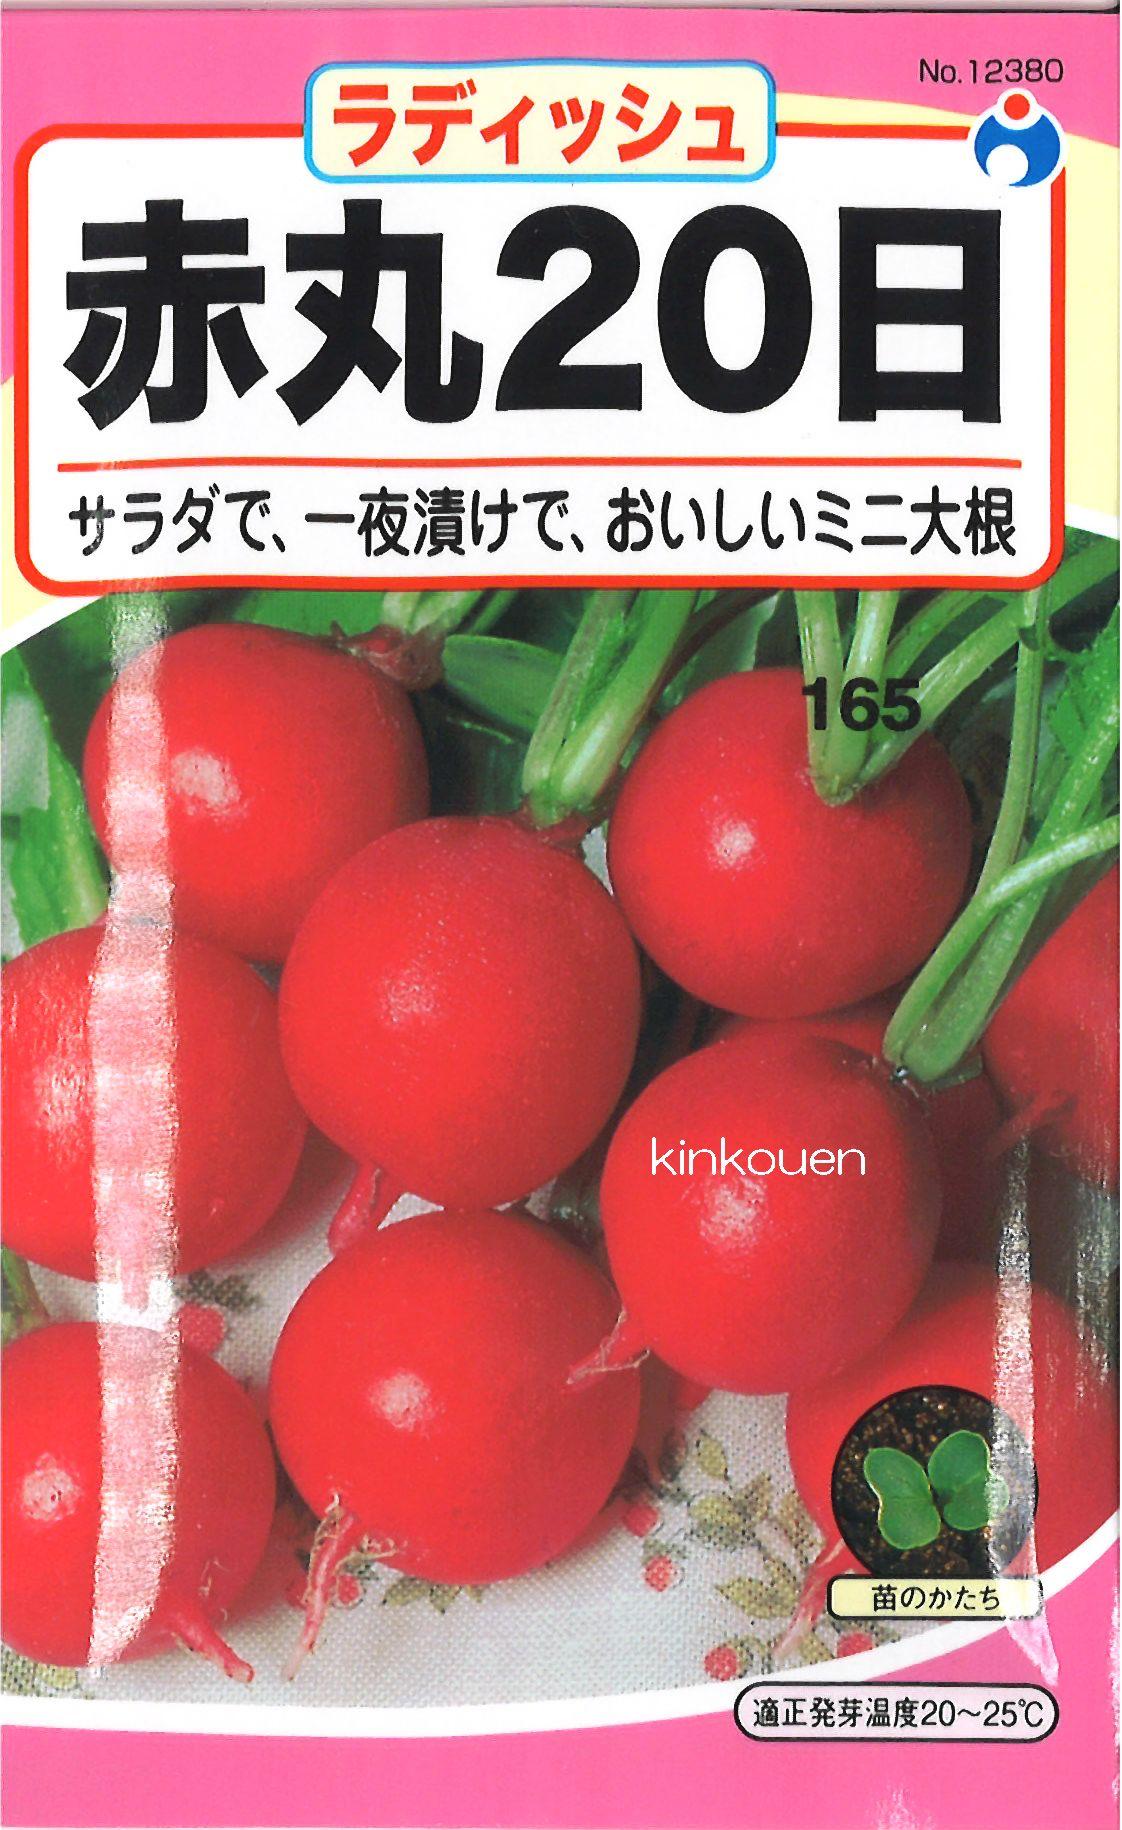 ≪代引不可≫≪5袋まで送料80円≫ □ラディッシュ赤丸20日大根コメット